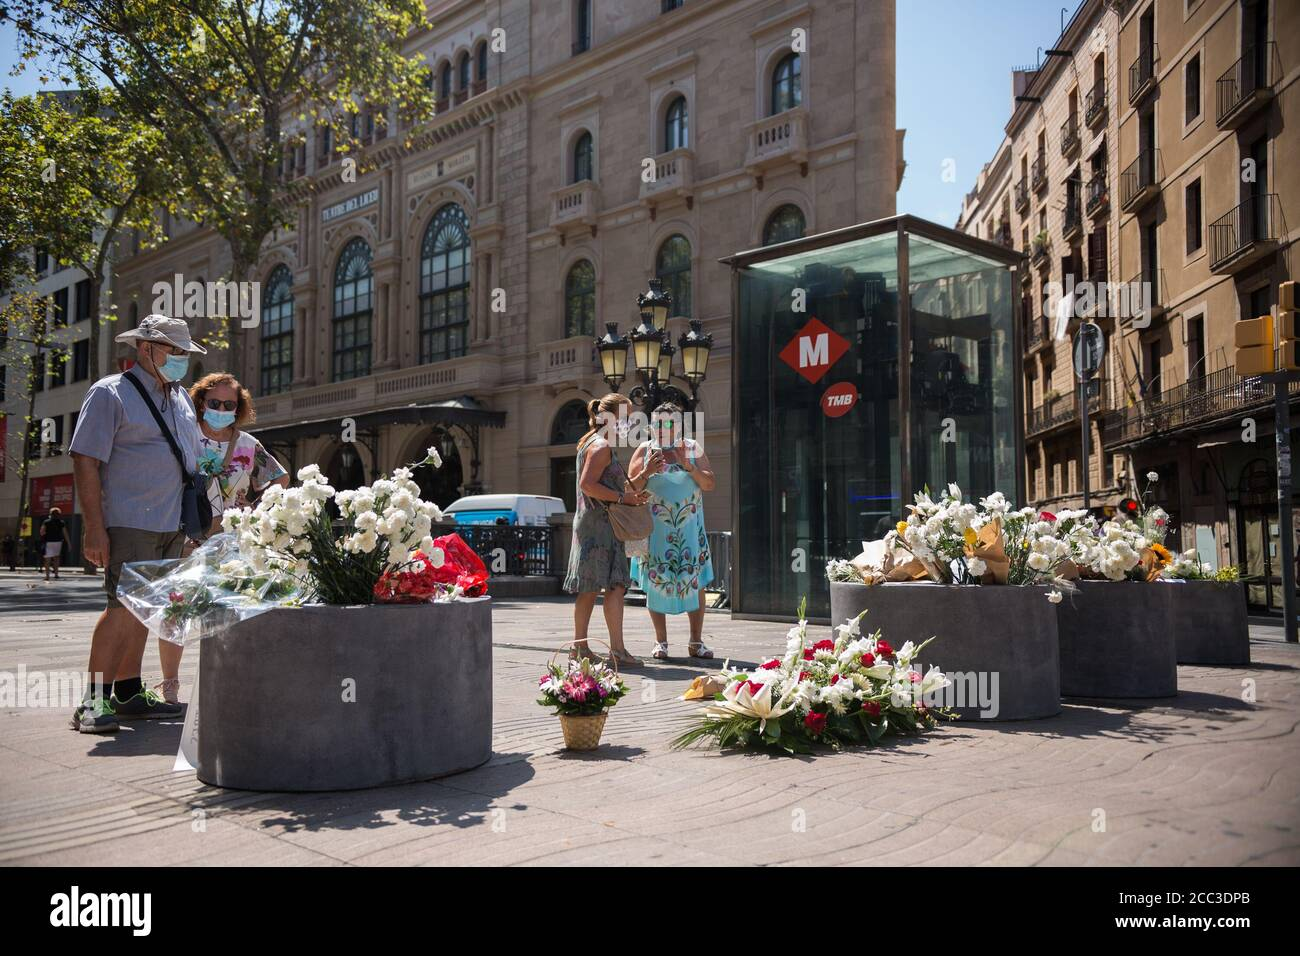 Les personnes portant des masques de visage observent les hommages aux victimes de l'attaque de Barcelone.trois ans après l'attaque de Barcelone, un hommage aux victimes est rendu à Las Ramblas. Banque D'Images